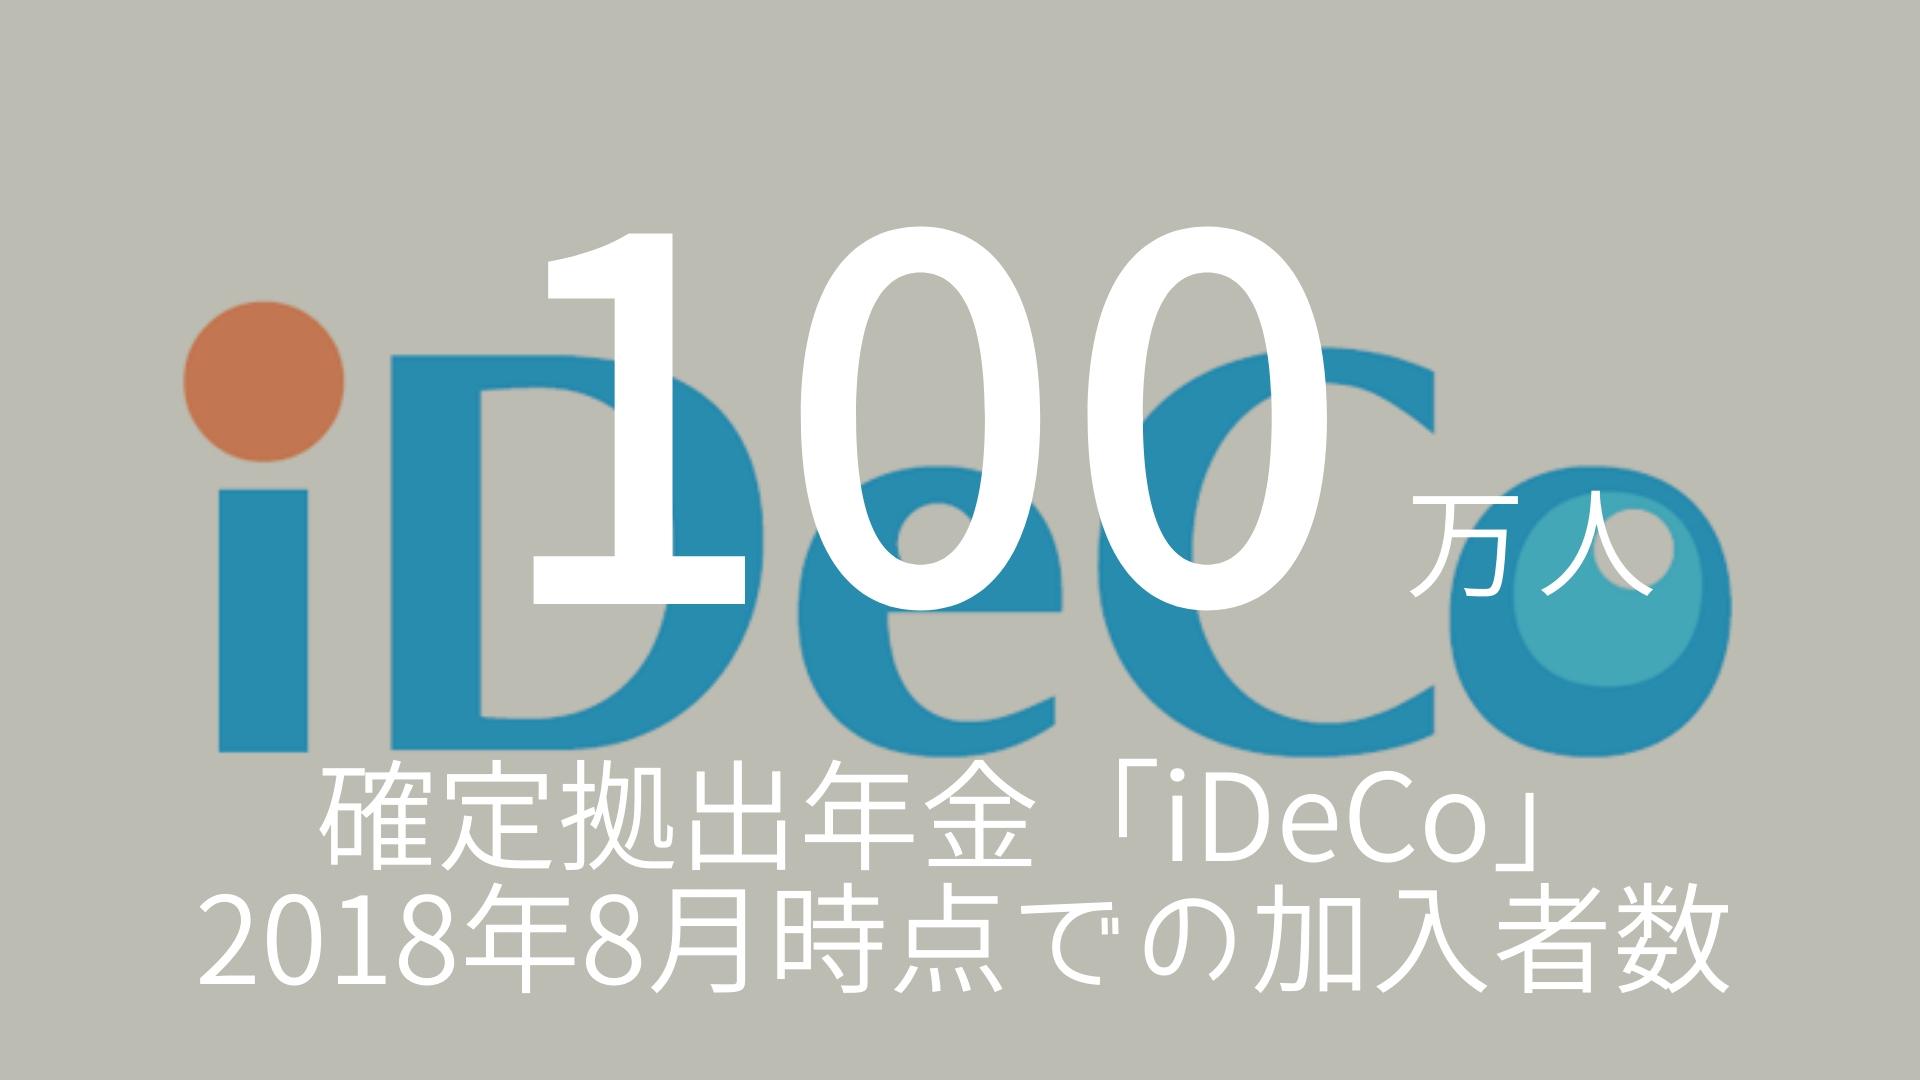 「100万人」 >>> 確定拠出年金「iDeCo」加入者数。2018年8月時点。